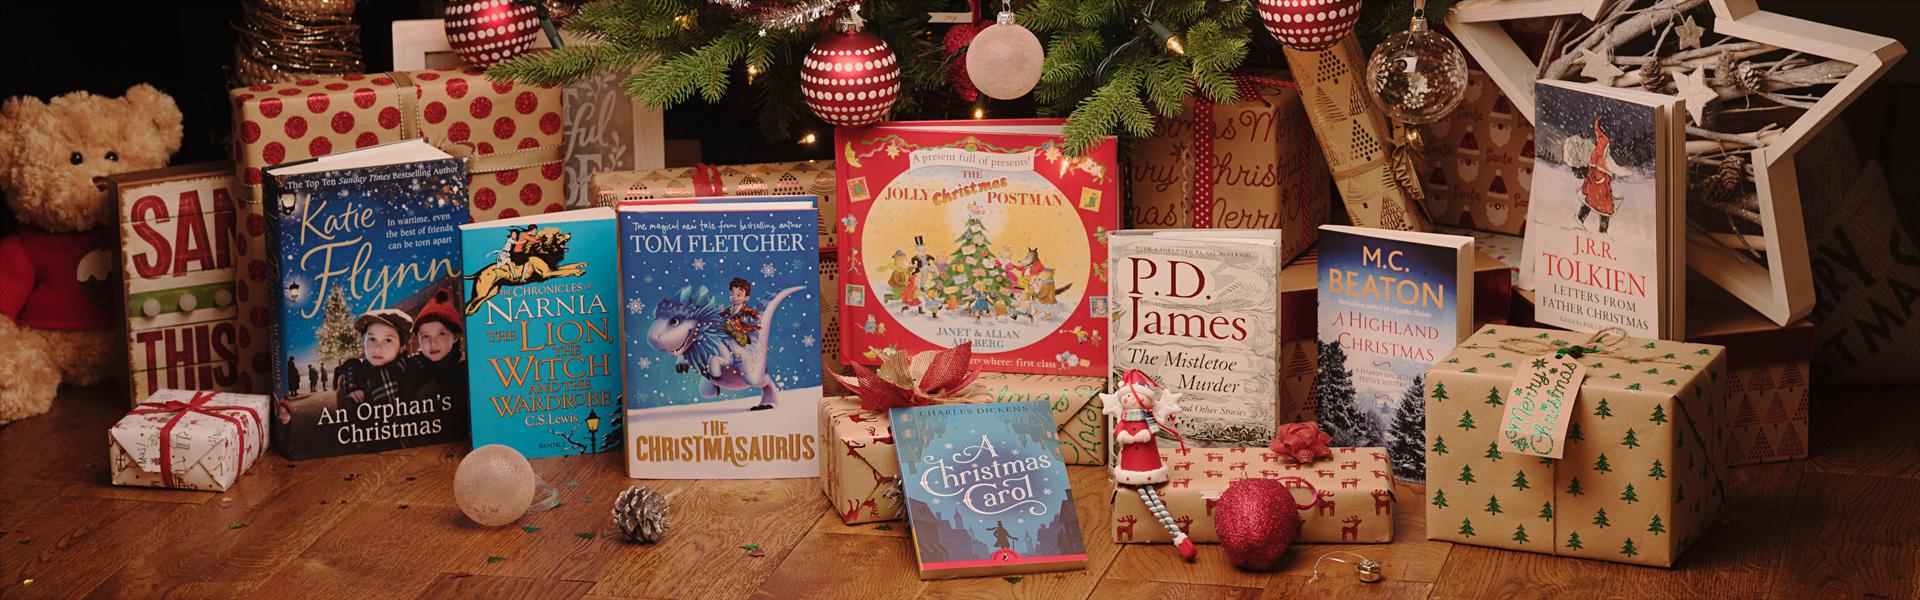 Our Christmas Top Picks: Christmas Reads